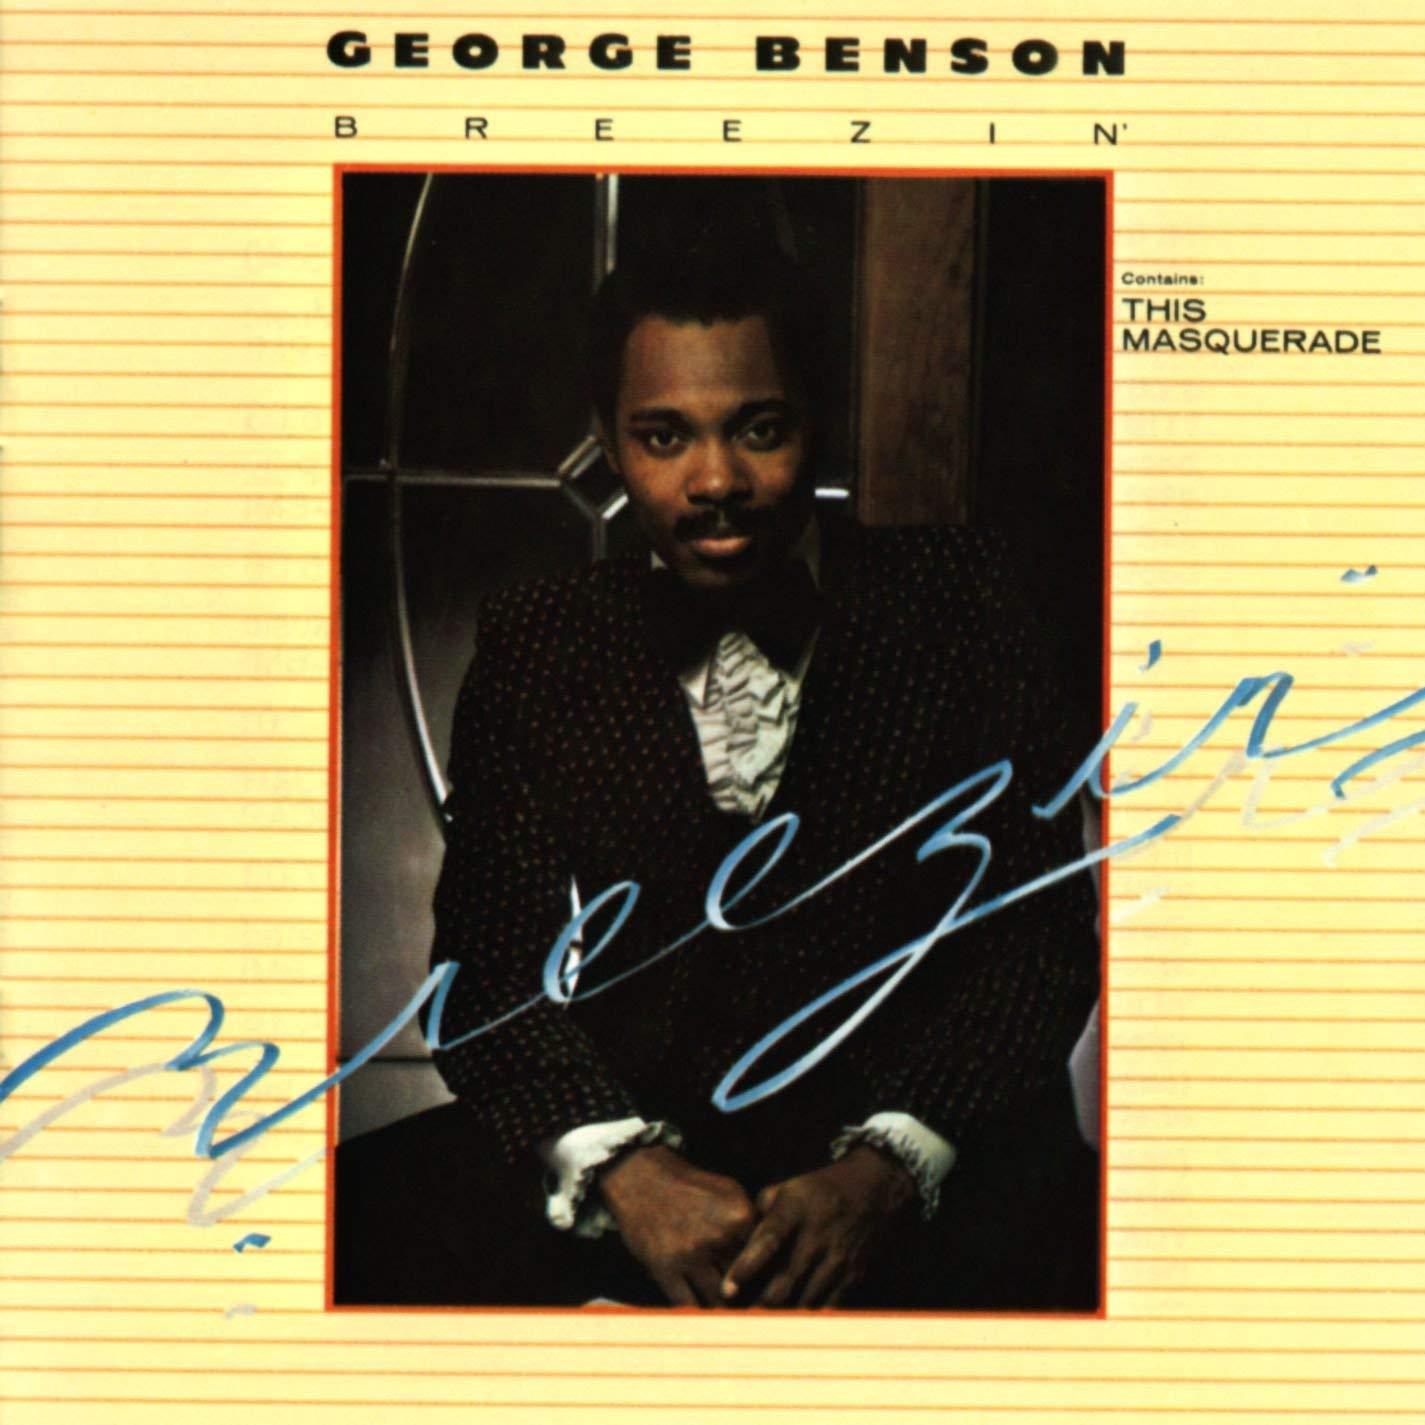 Breezin(ジョージ・ベンソン) | インストなギターの名曲・名盤紹介所